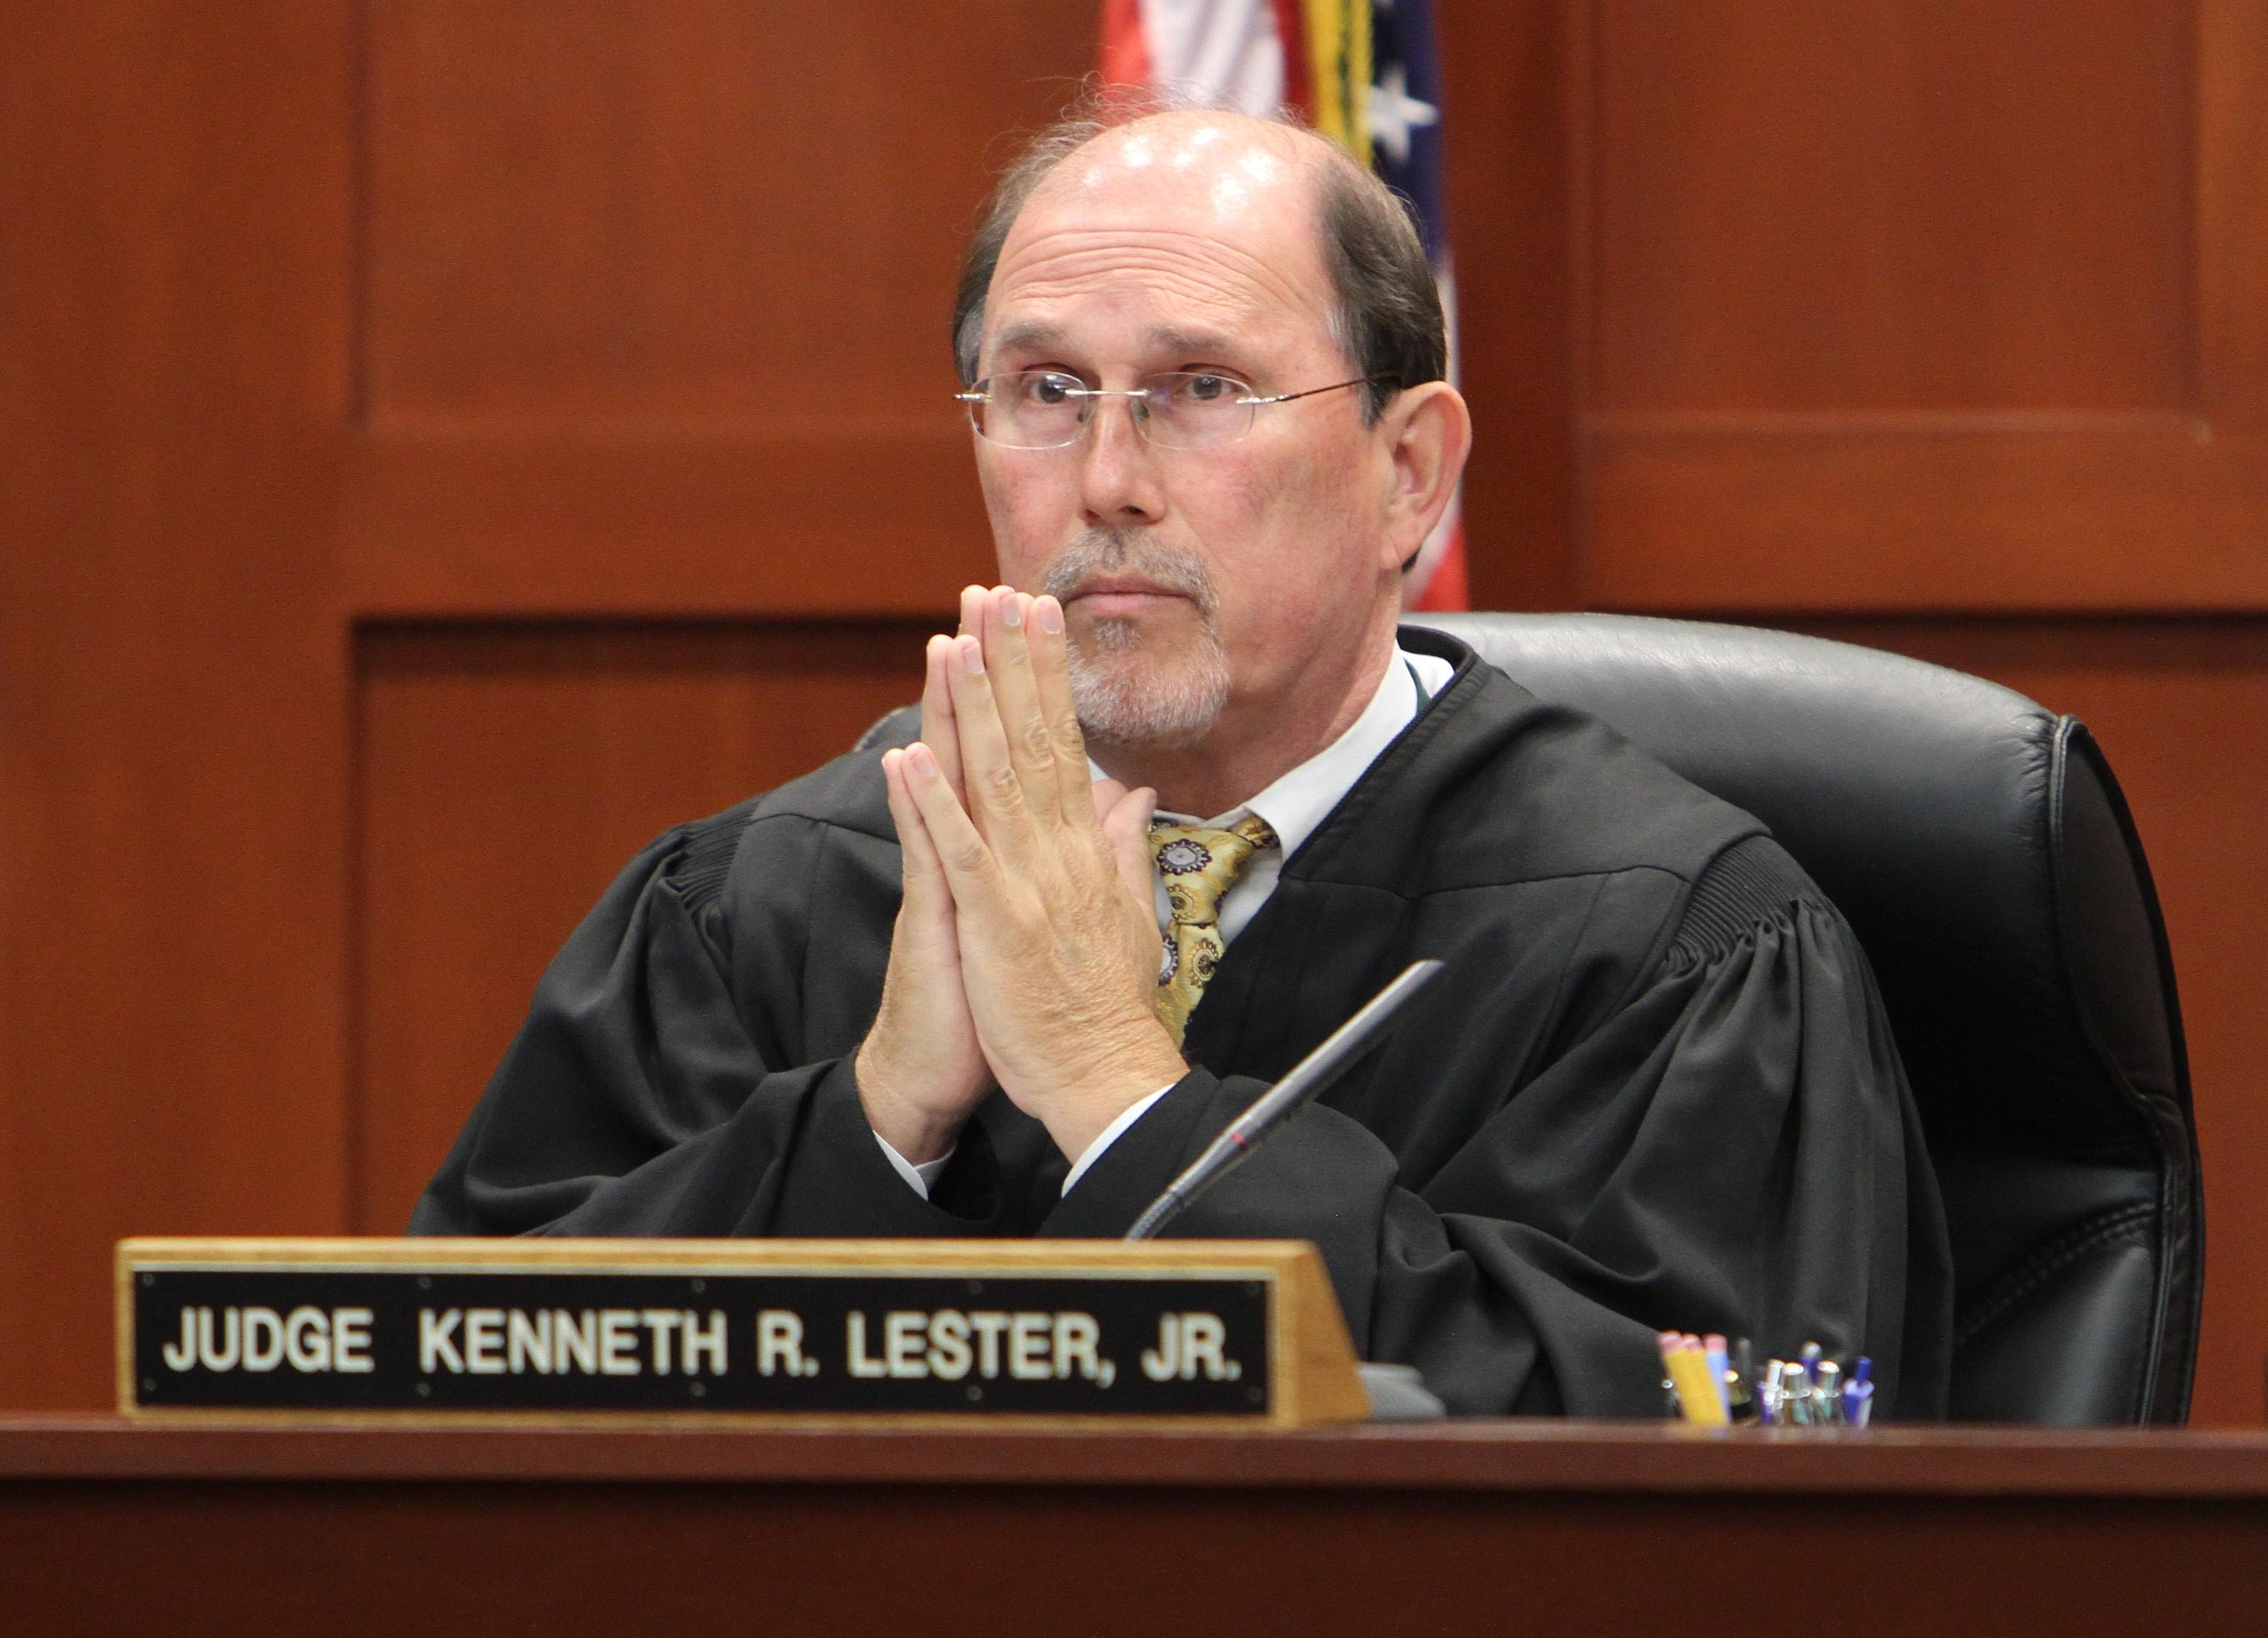 Zimmerman wants Judge Lester Jr. out